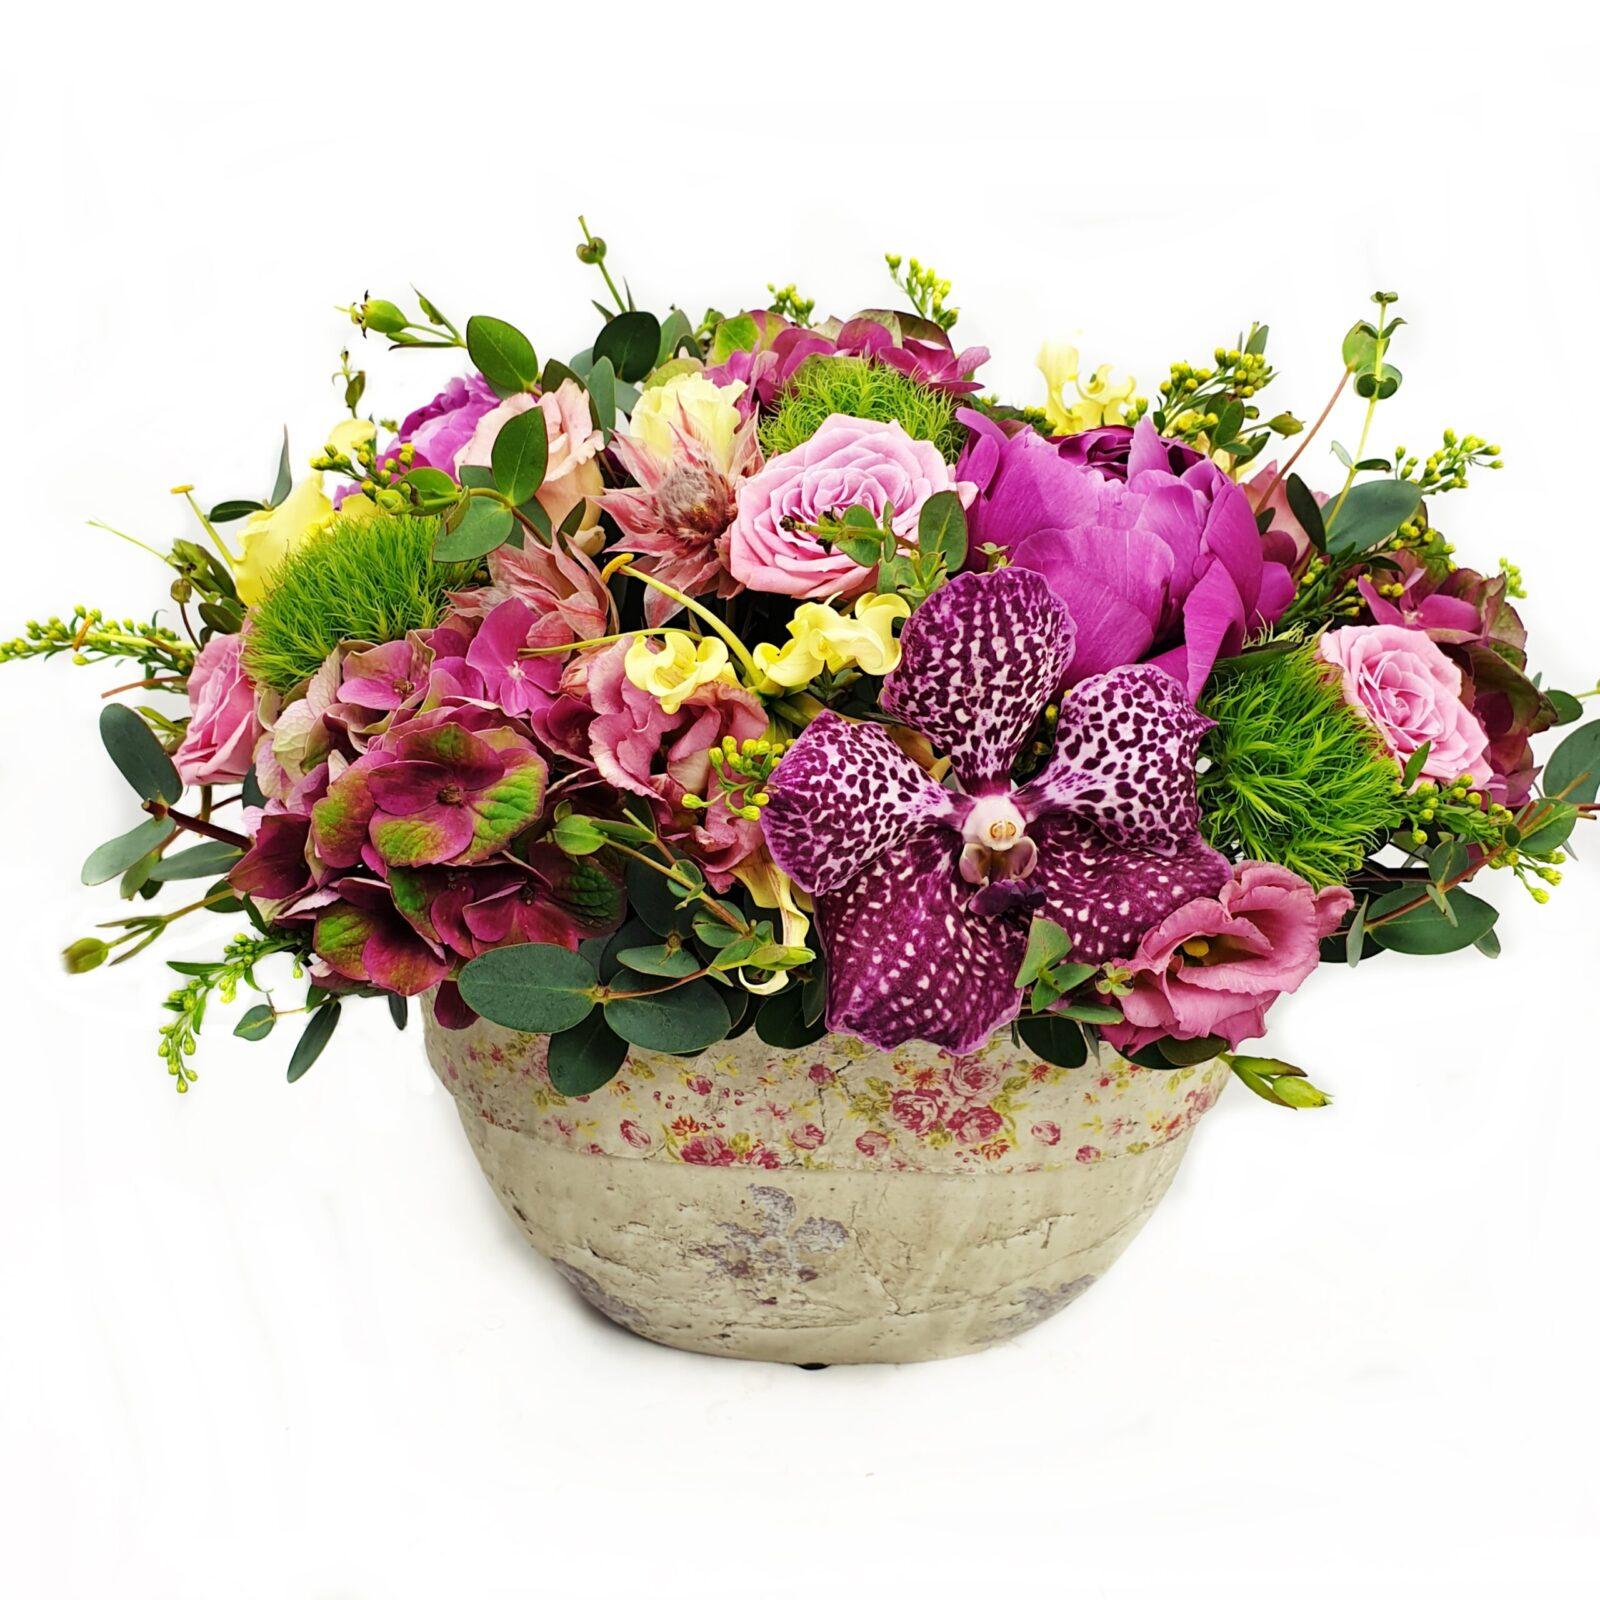 PINK IN VAS PICTAT 1 scaled e1592491499991 - Blog - Florarie Online Curtea de Arges